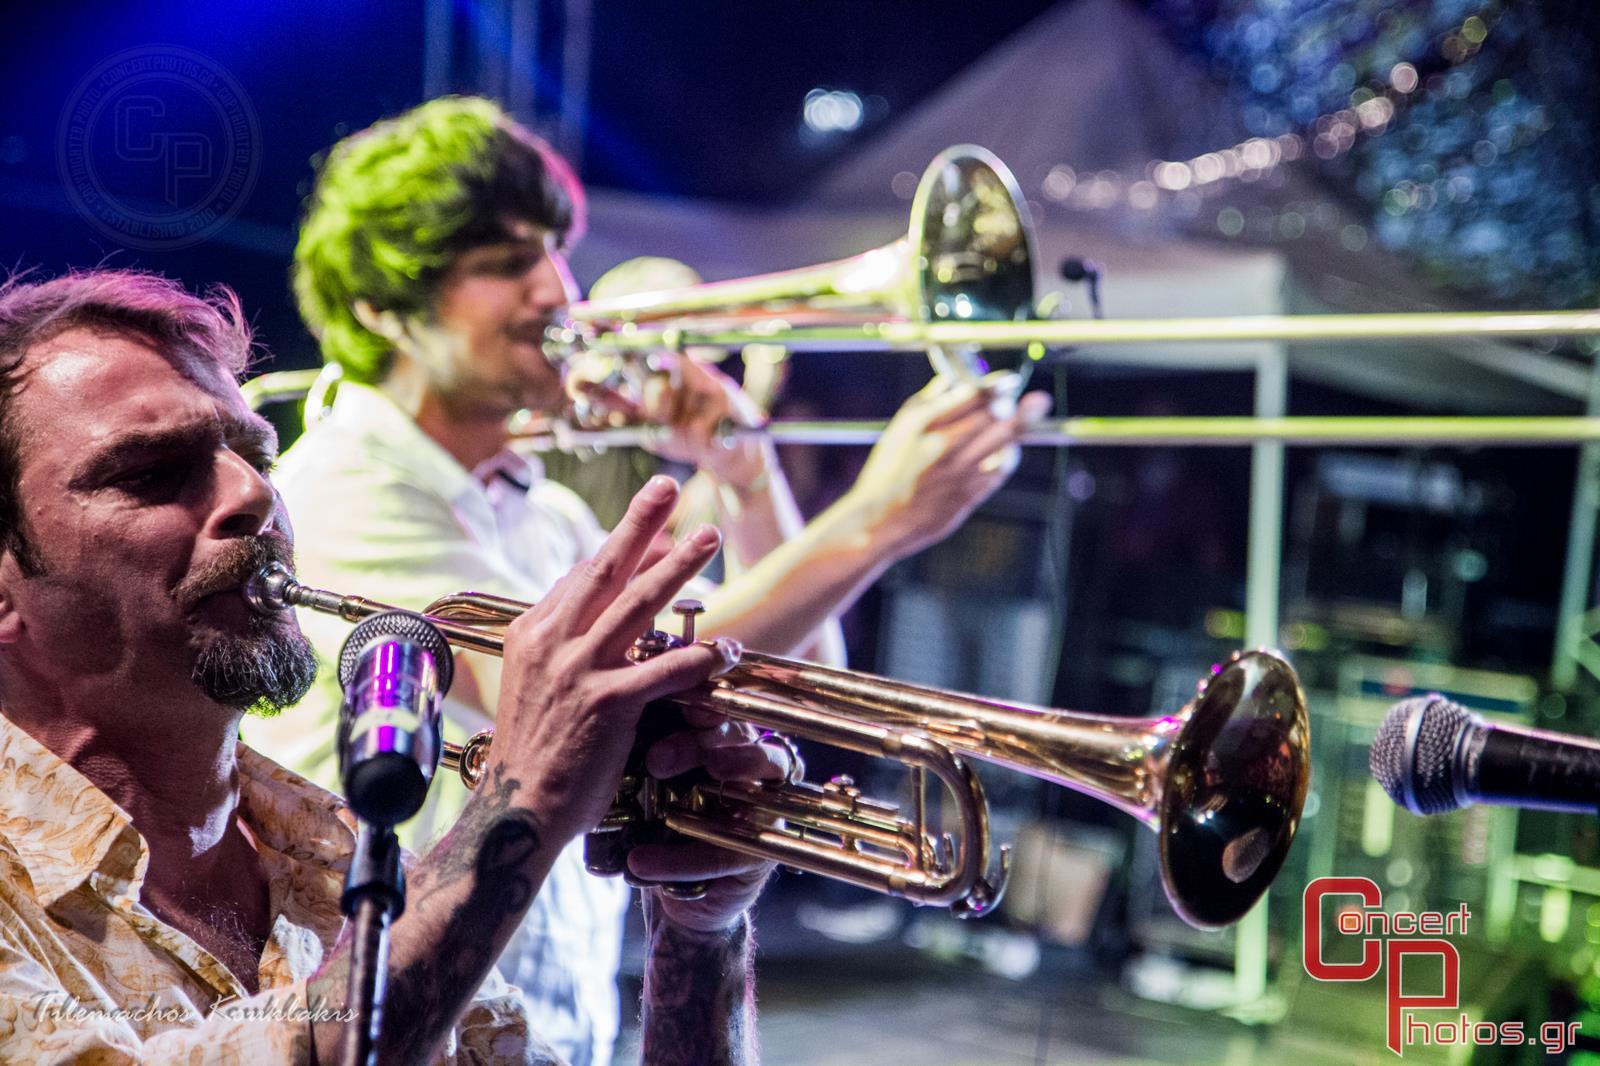 Μία συναυλία για τη Σχεδία 2014-Sxedia 2014 photographer:  - concertphotos_20140530_20_13_38-3